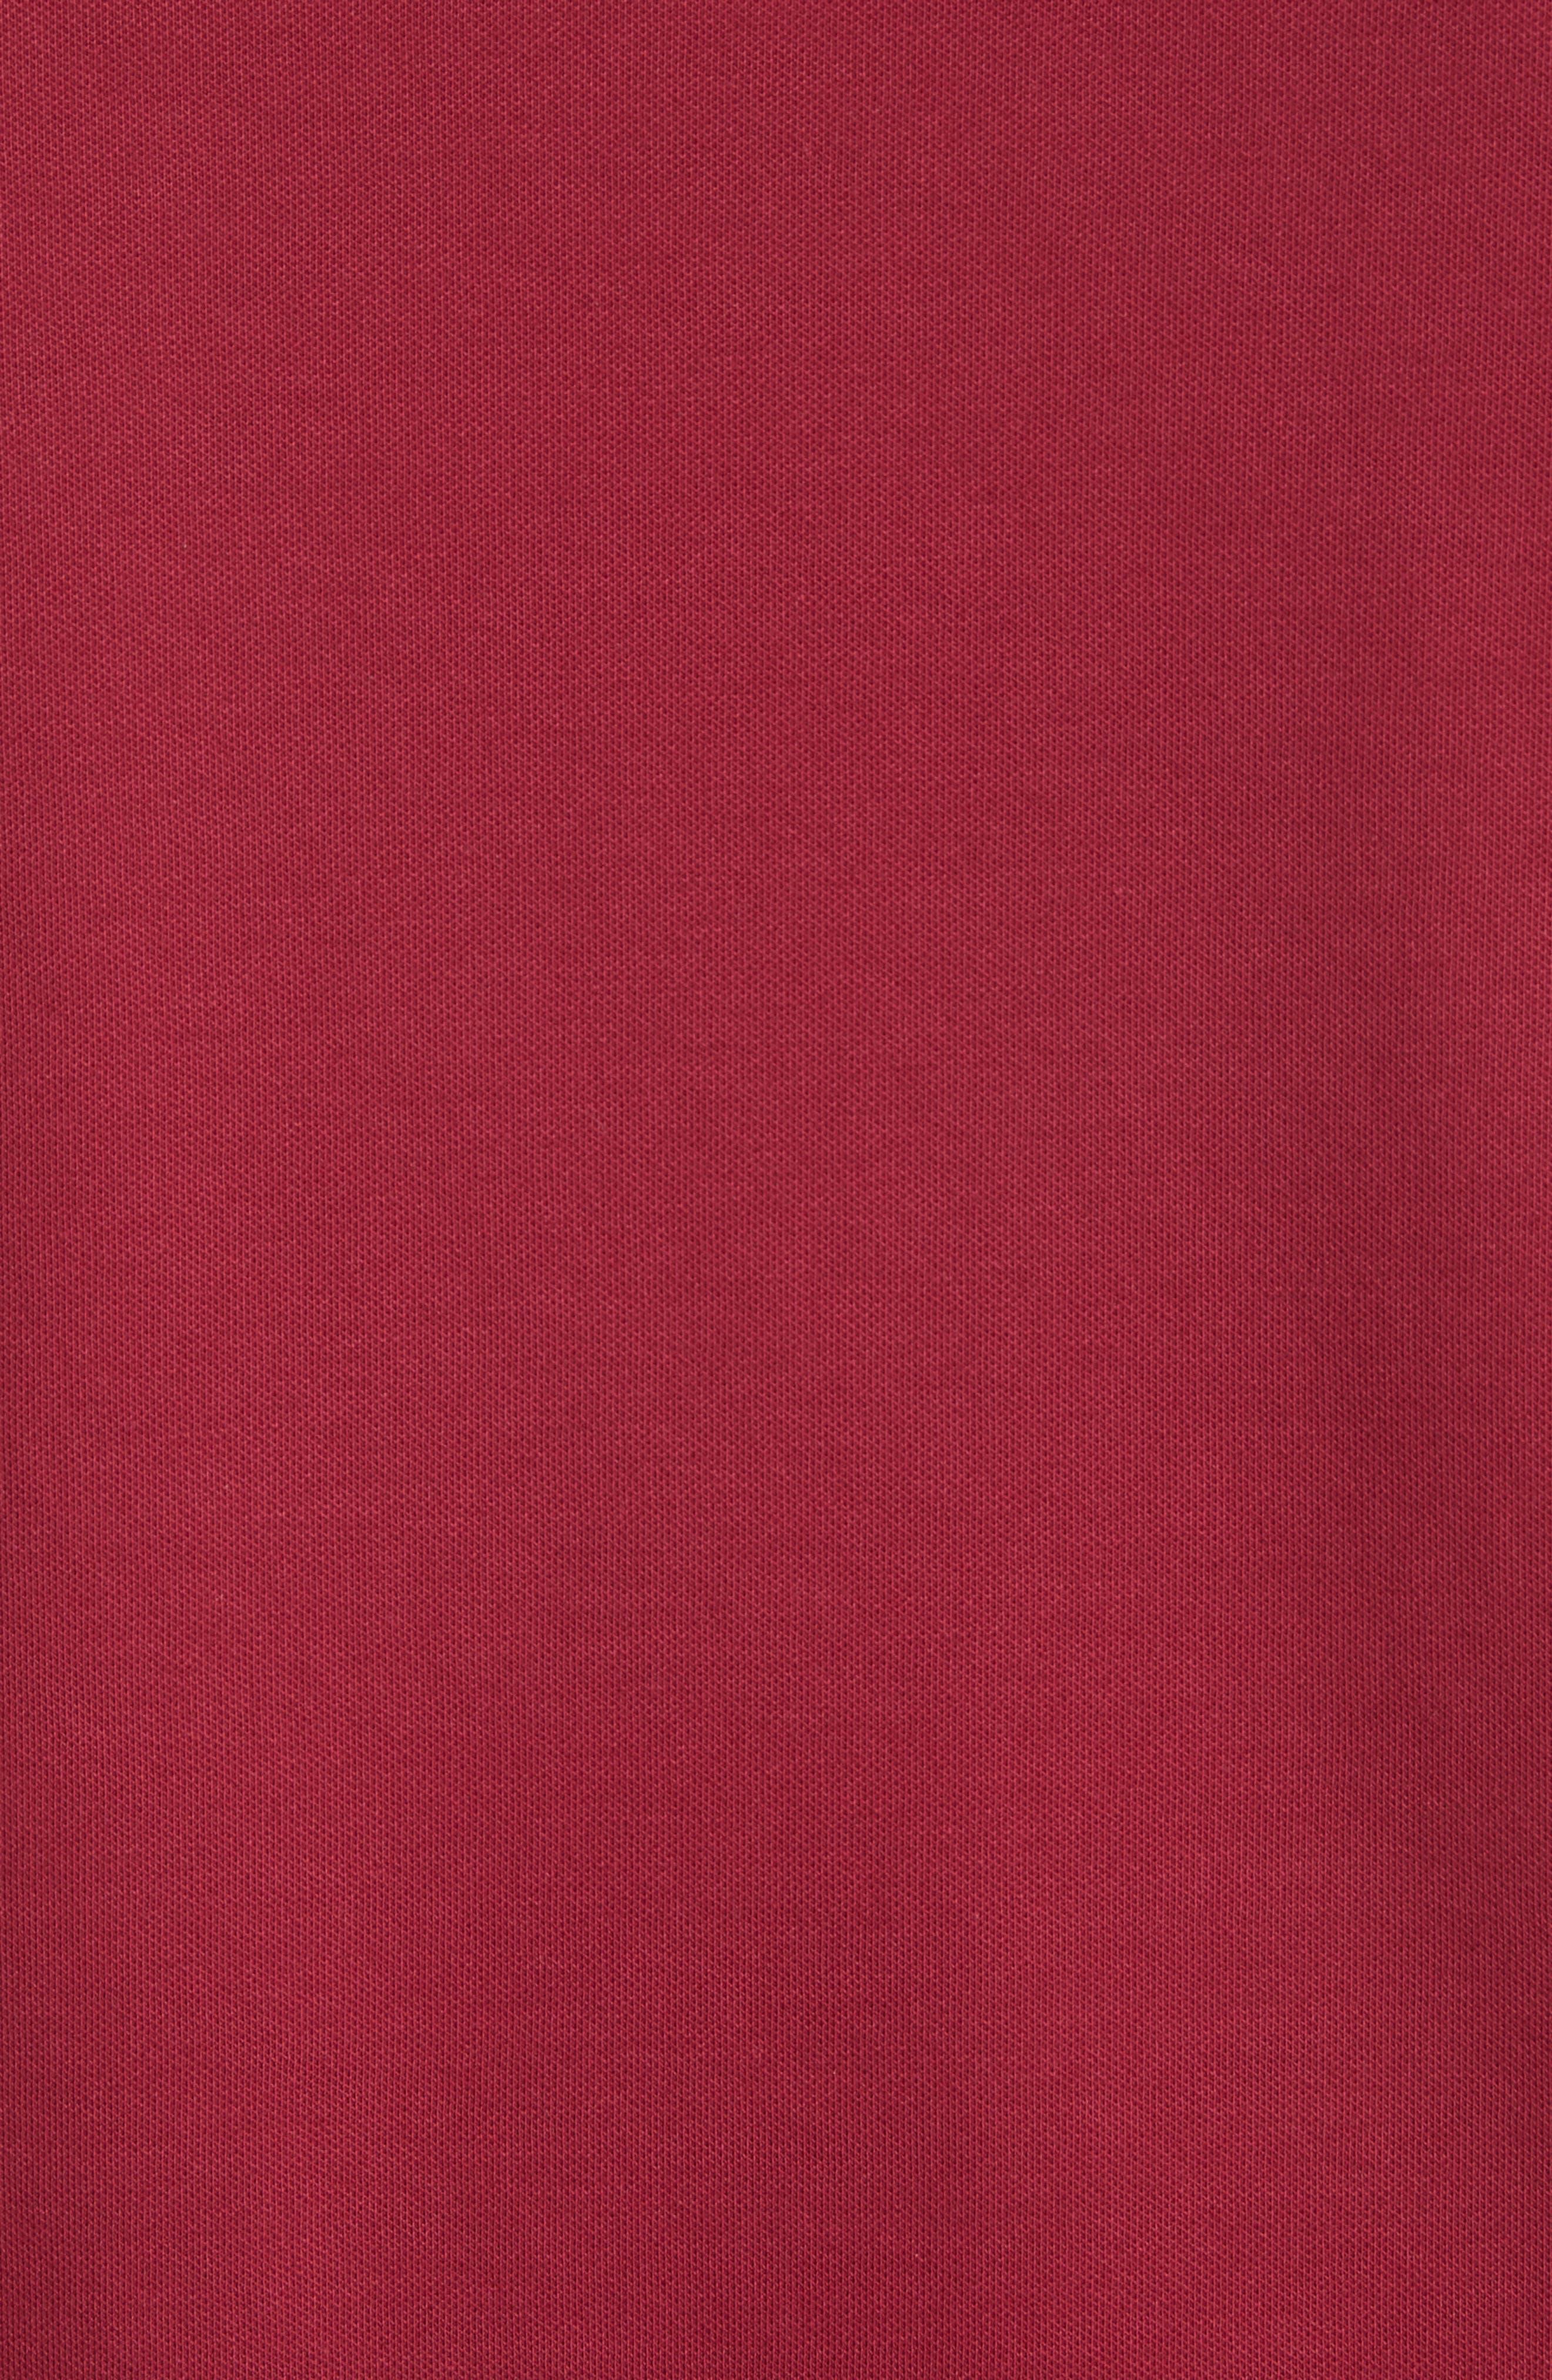 Slim Fit Piqué Polo Shirt,                             Alternate thumbnail 5, color,